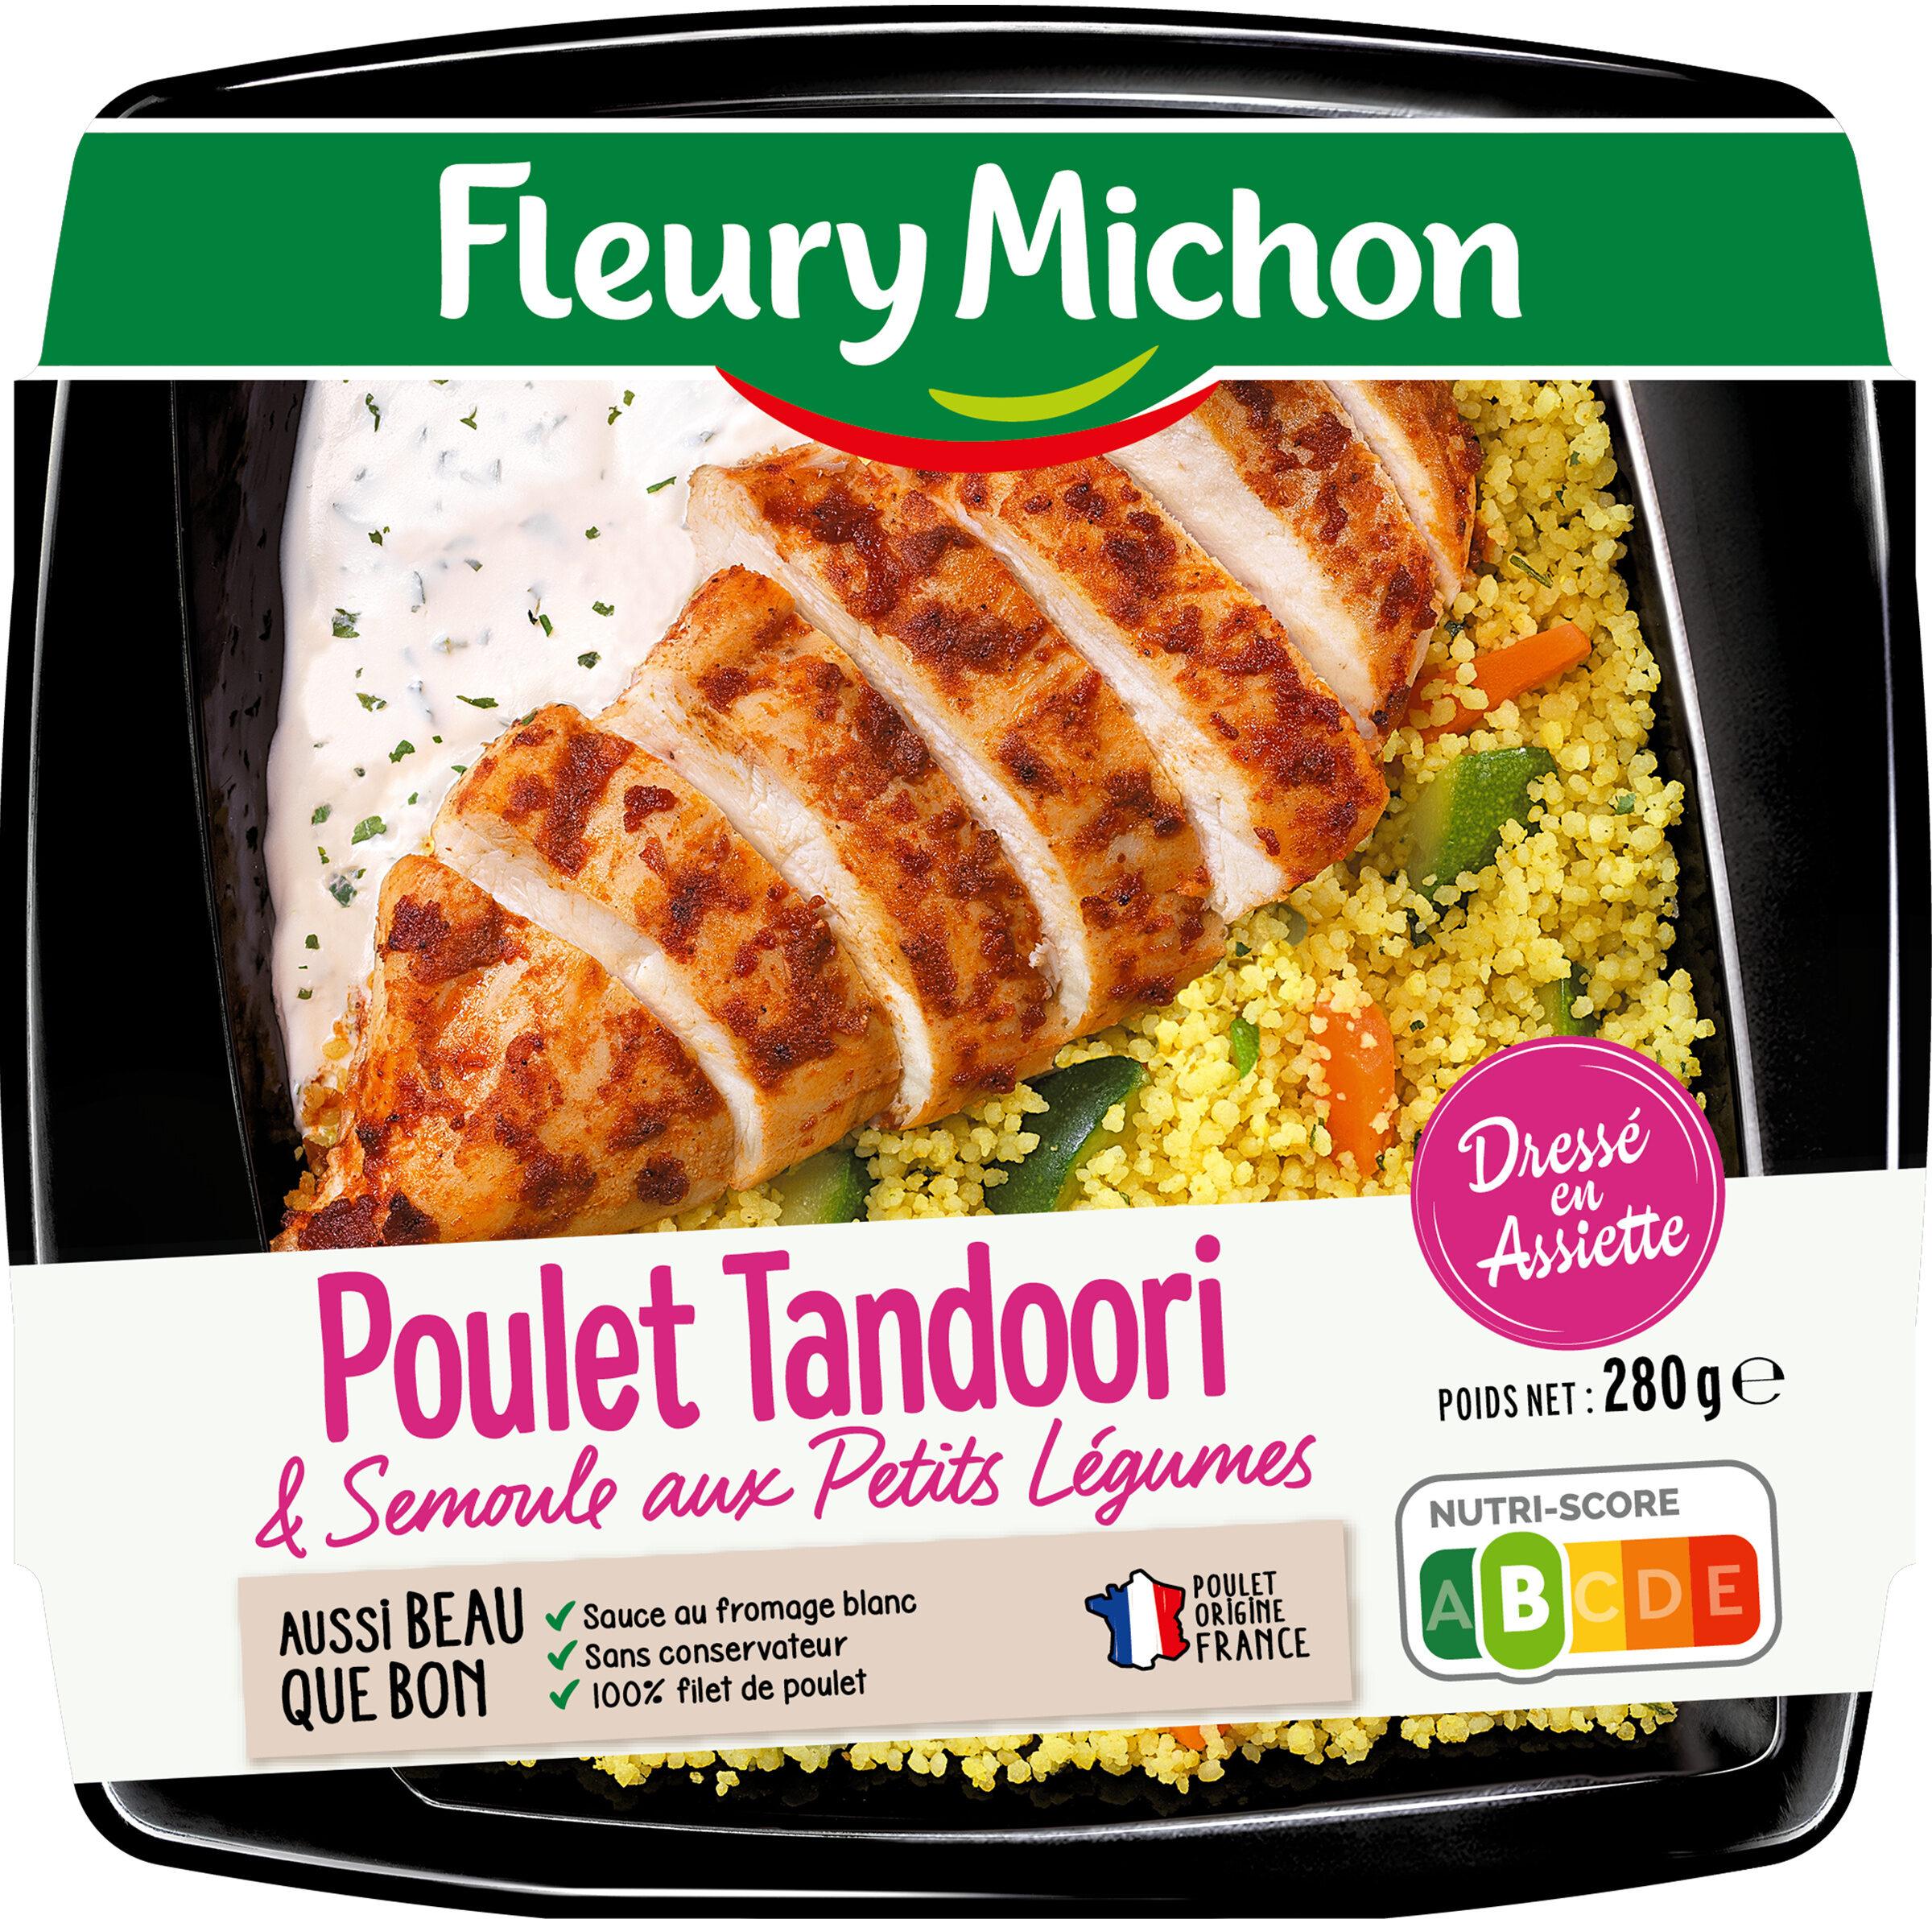 Poulet tandoori et semoule aux petits légumes - Produit - fr